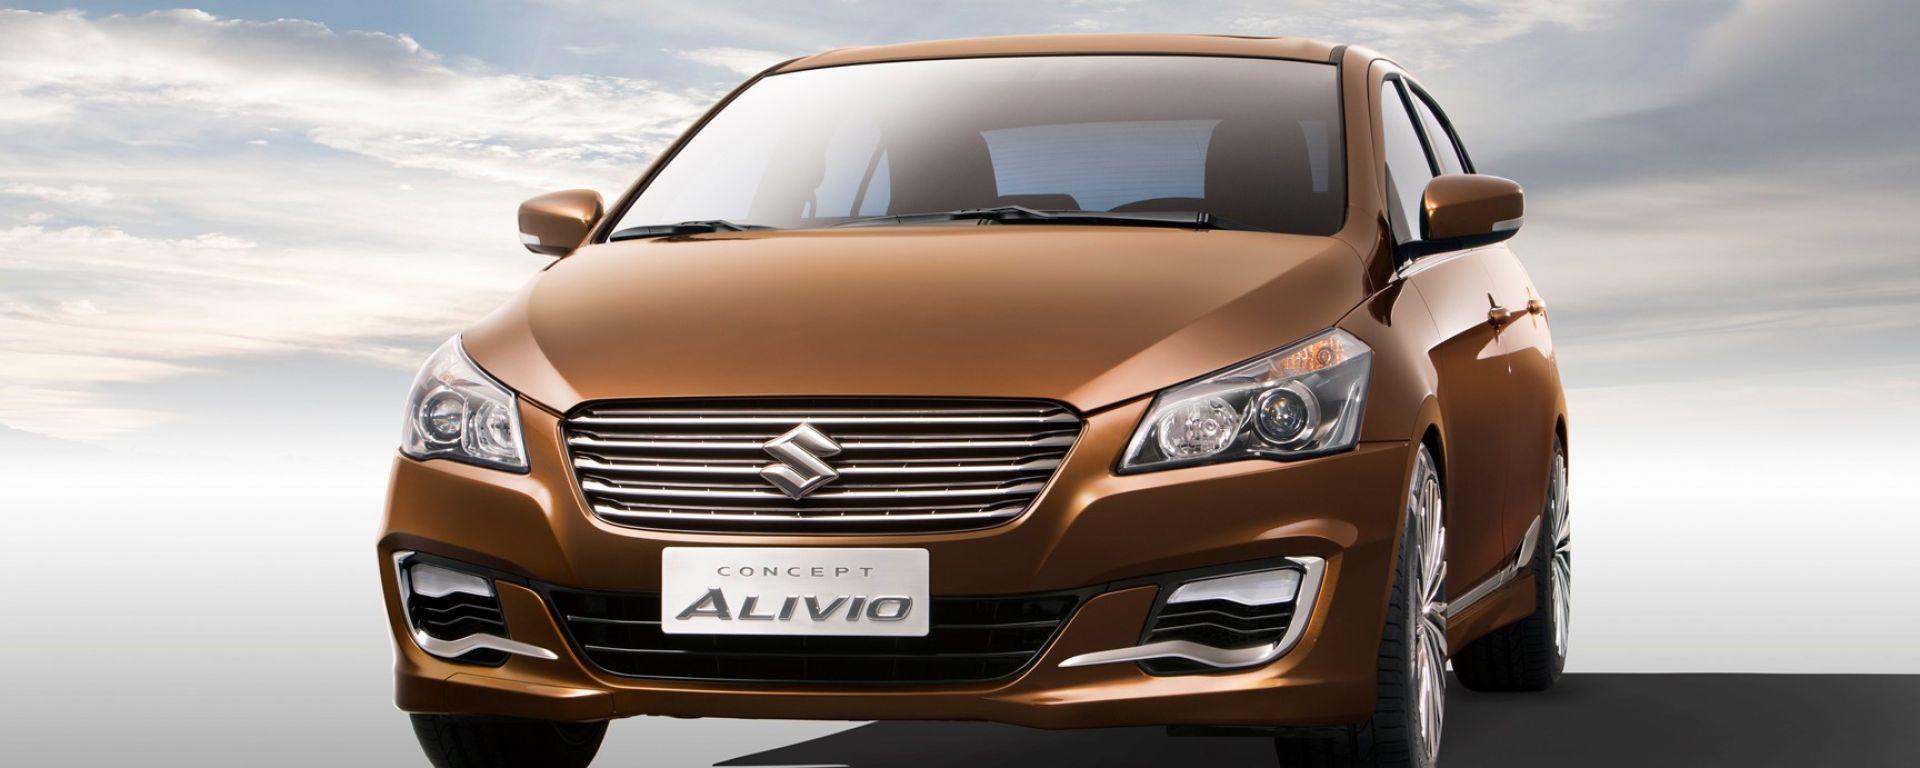 Suzuki Alivio